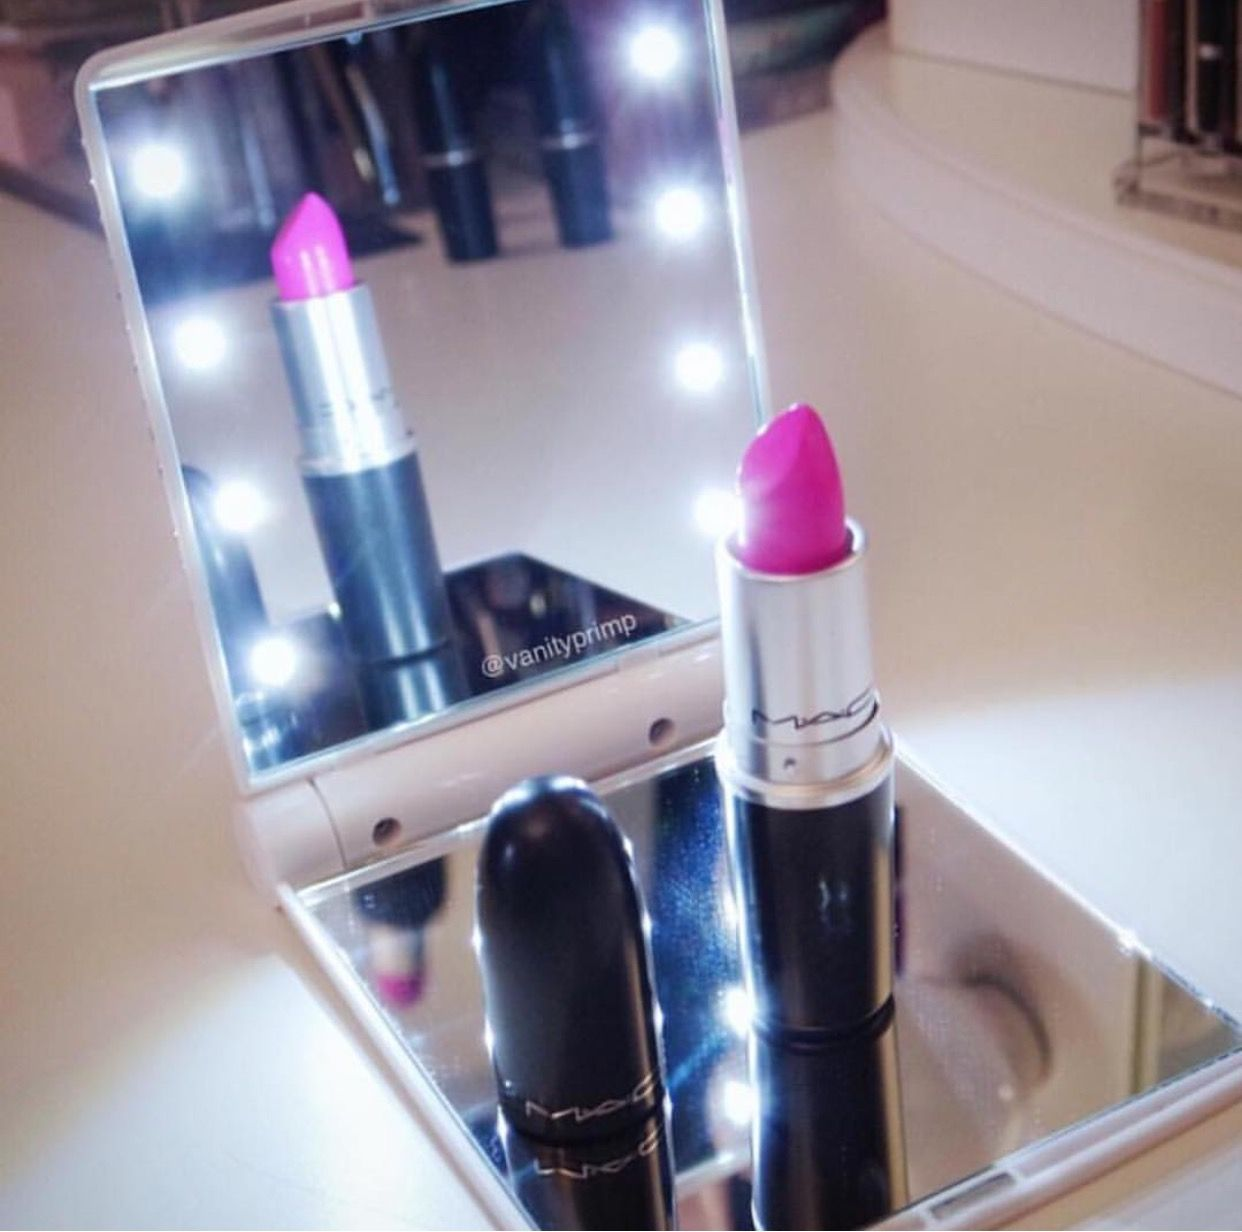 PLAIN Lighted VanityPrimp Compact Vanity (WHITE) Vanity